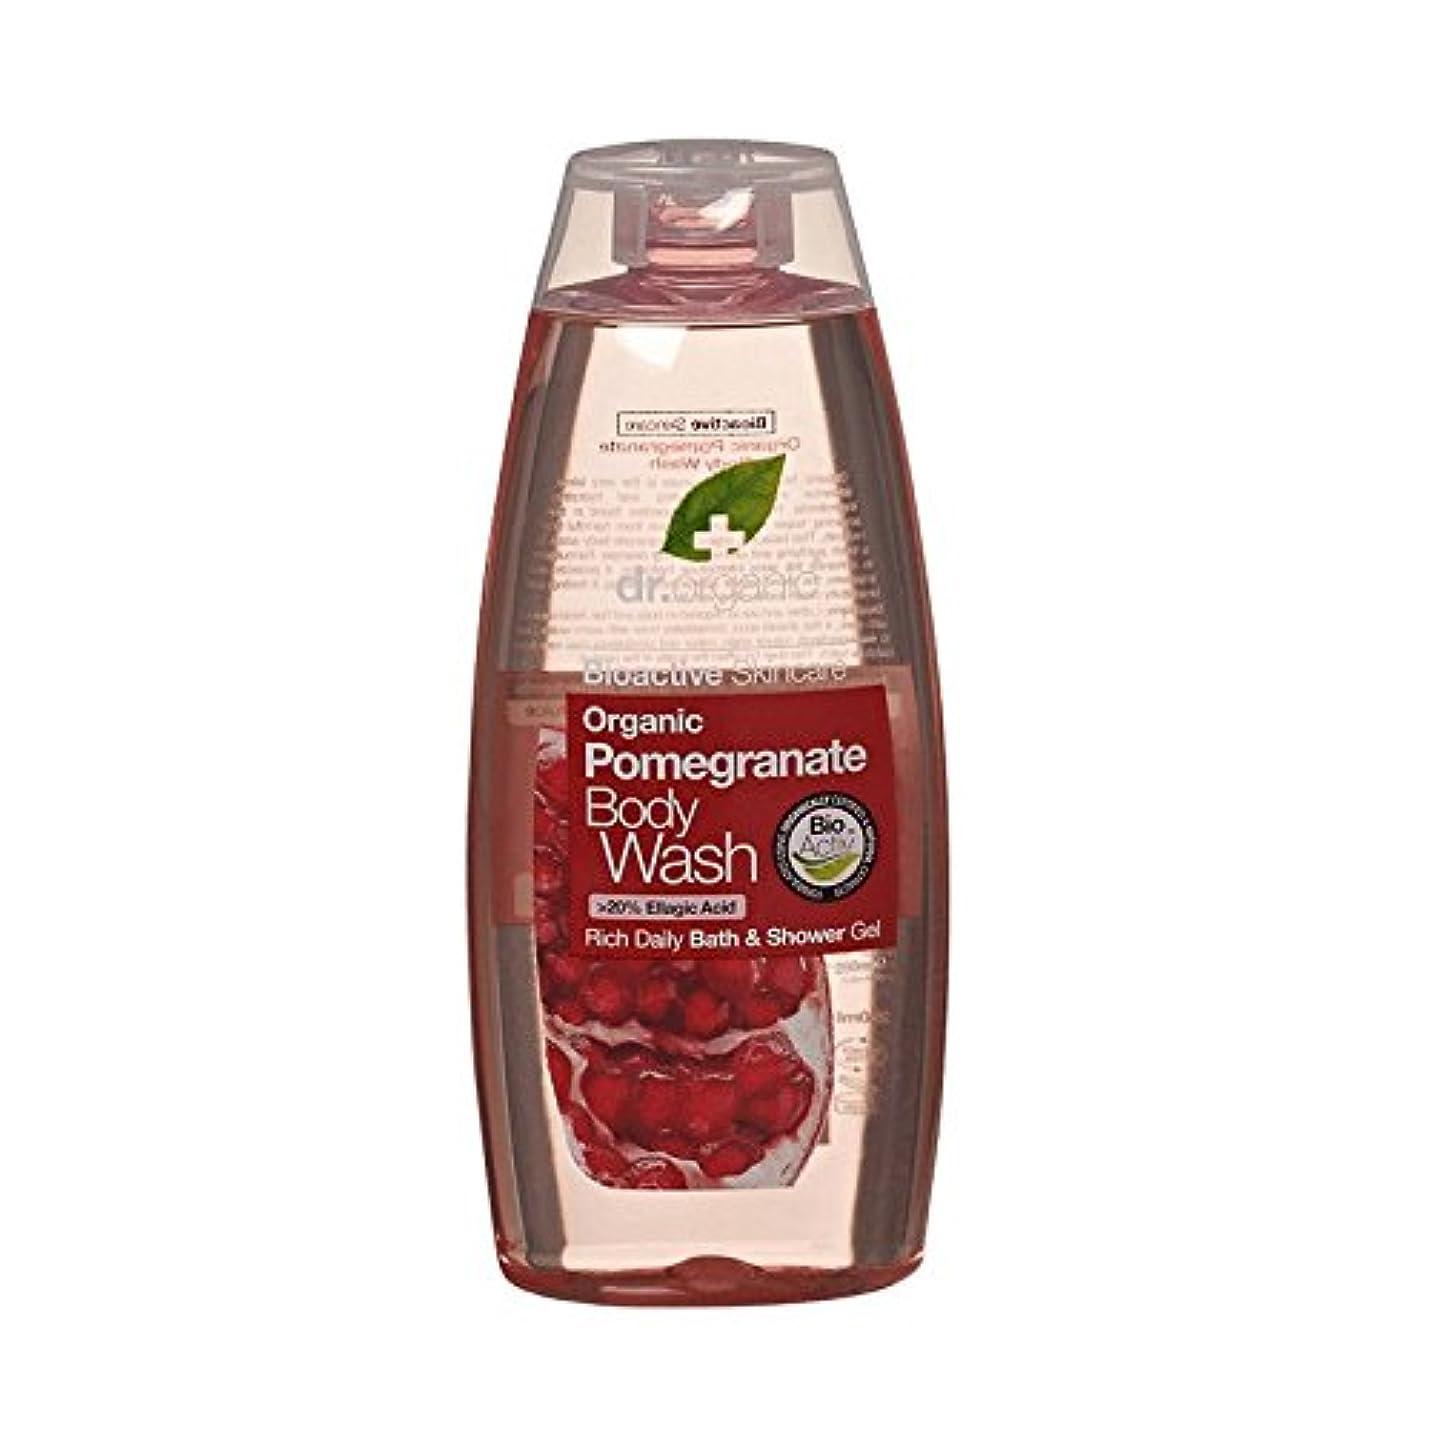 排泄する暖炉クローゼットDr Organic Pomegranate Body Wash (Pack of 2) - Dr有機ザクロボディウォッシュ (x2) [並行輸入品]